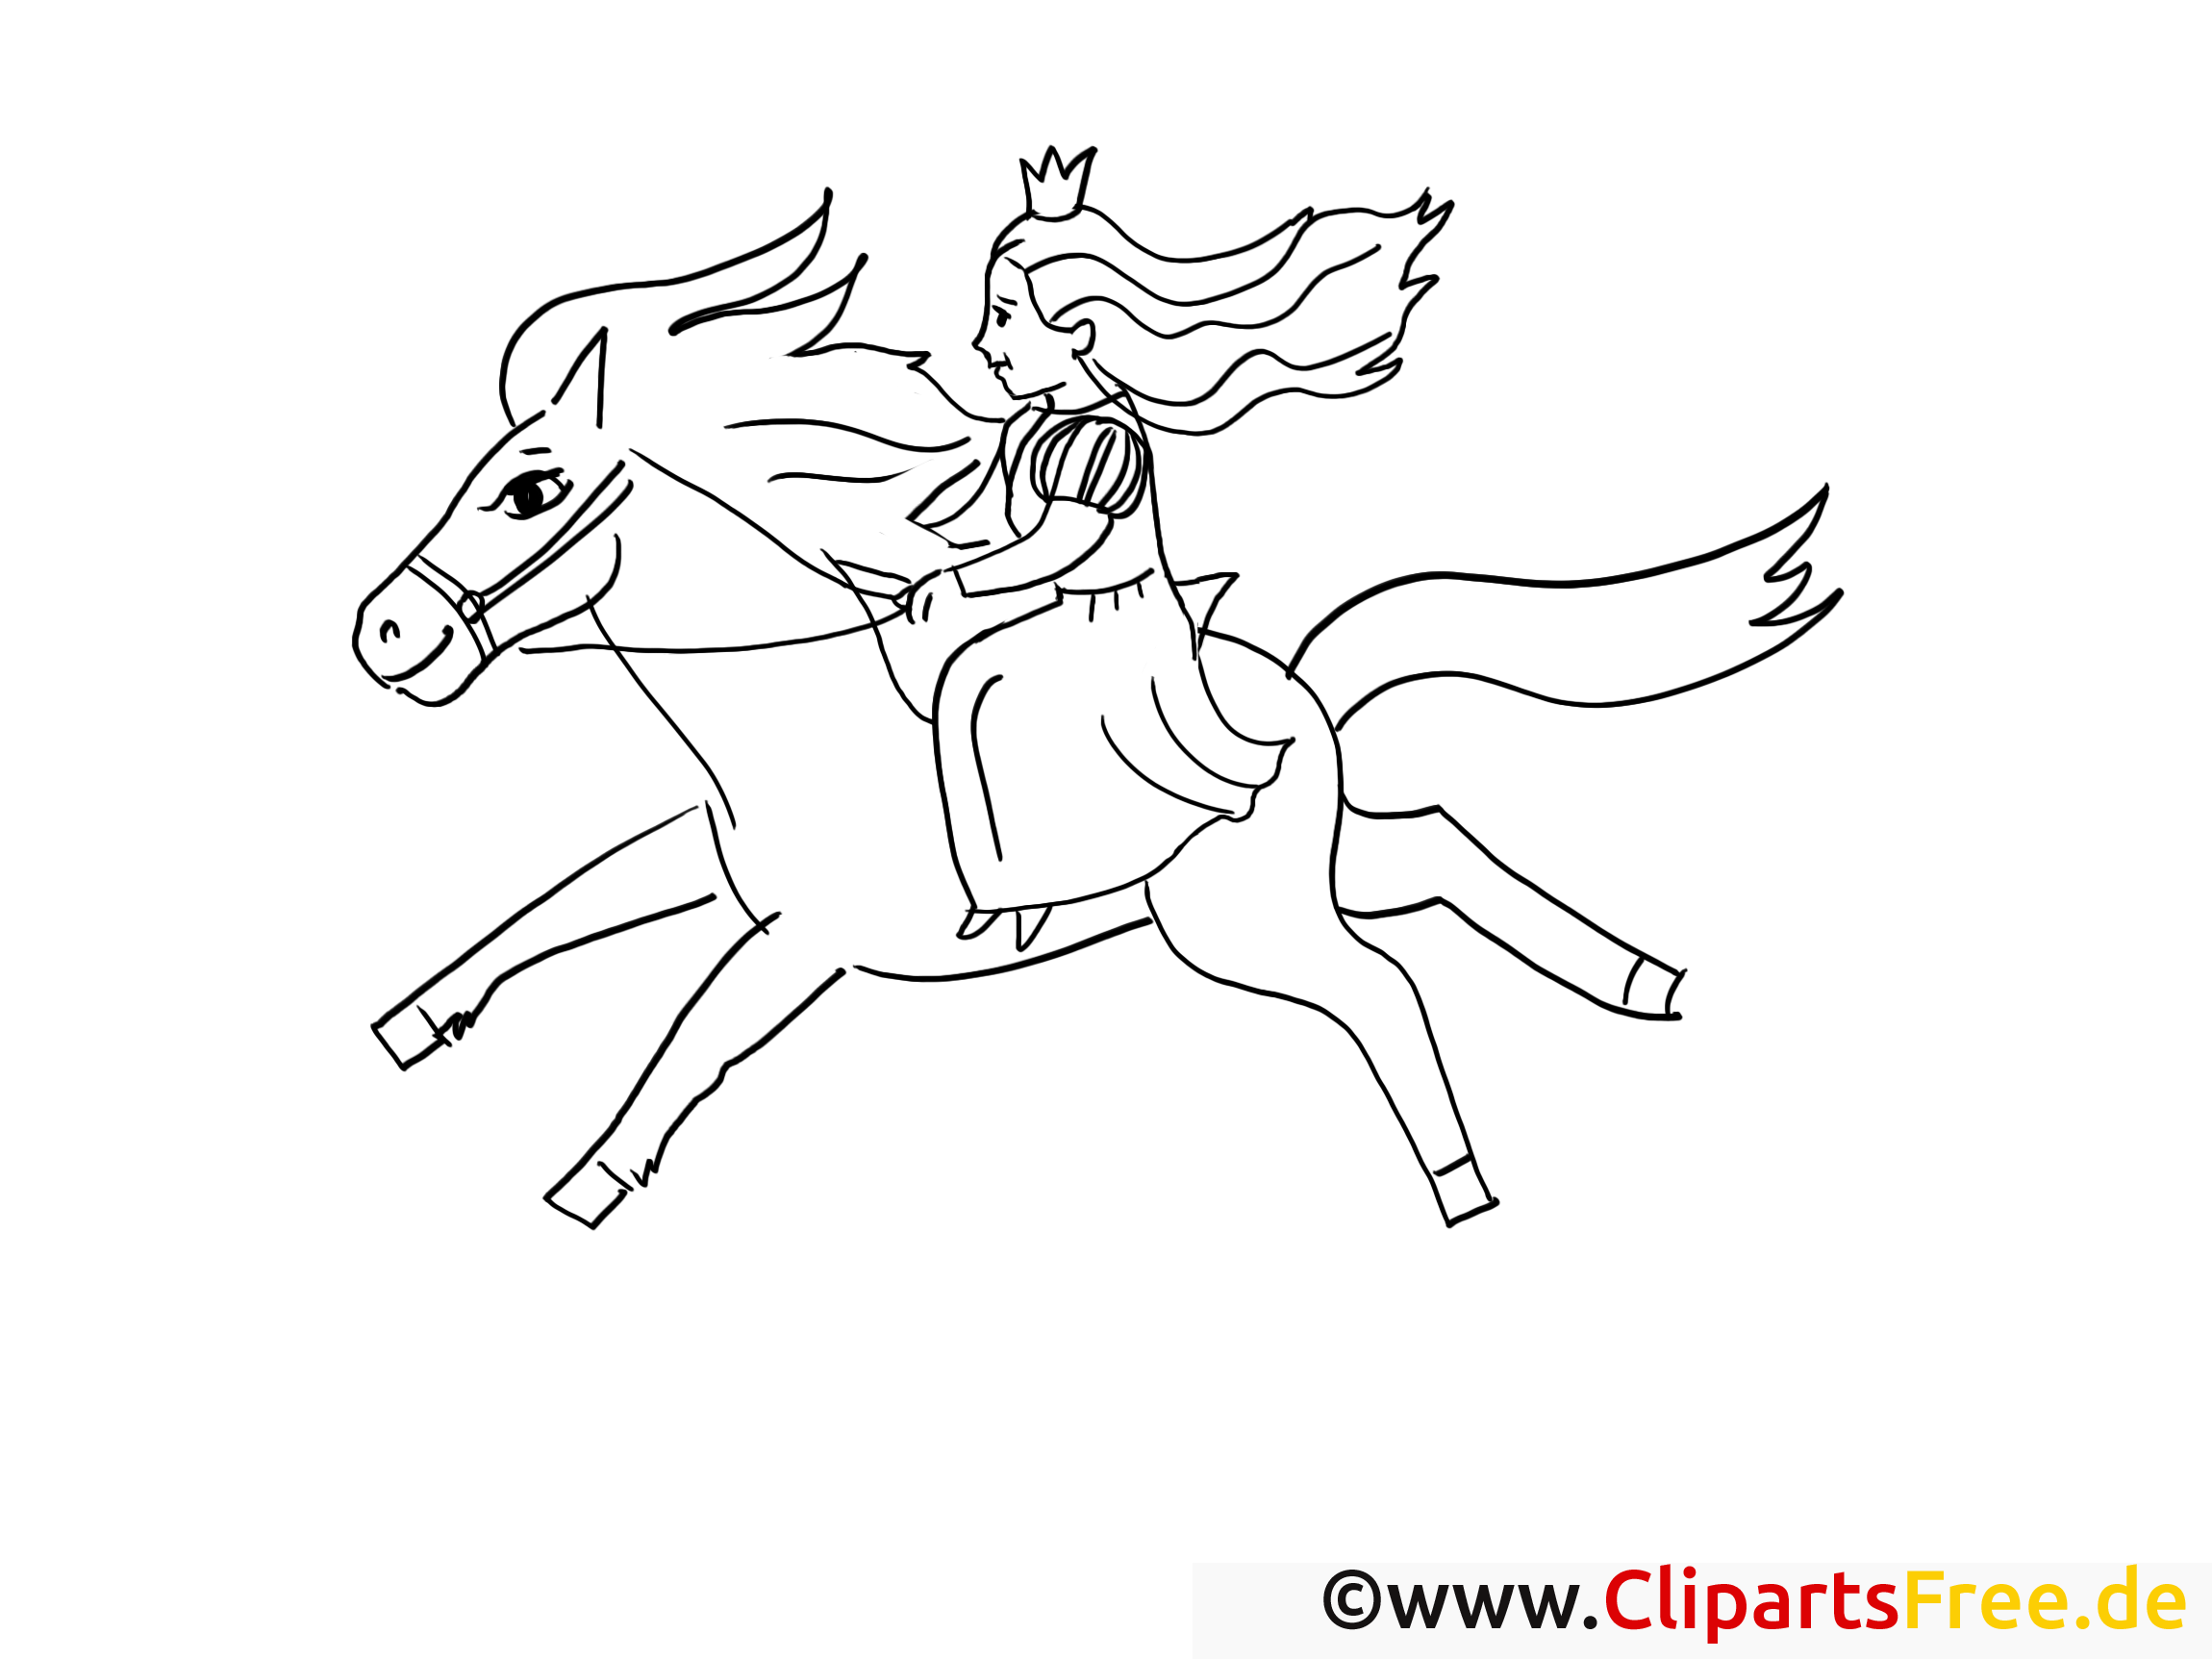 Ausmalbild Prinzessin Reitet Auf Dem Pferd Kostenlos Herunterladen Ausmalbilder Prinzessin Ausmalen Ausmalbild